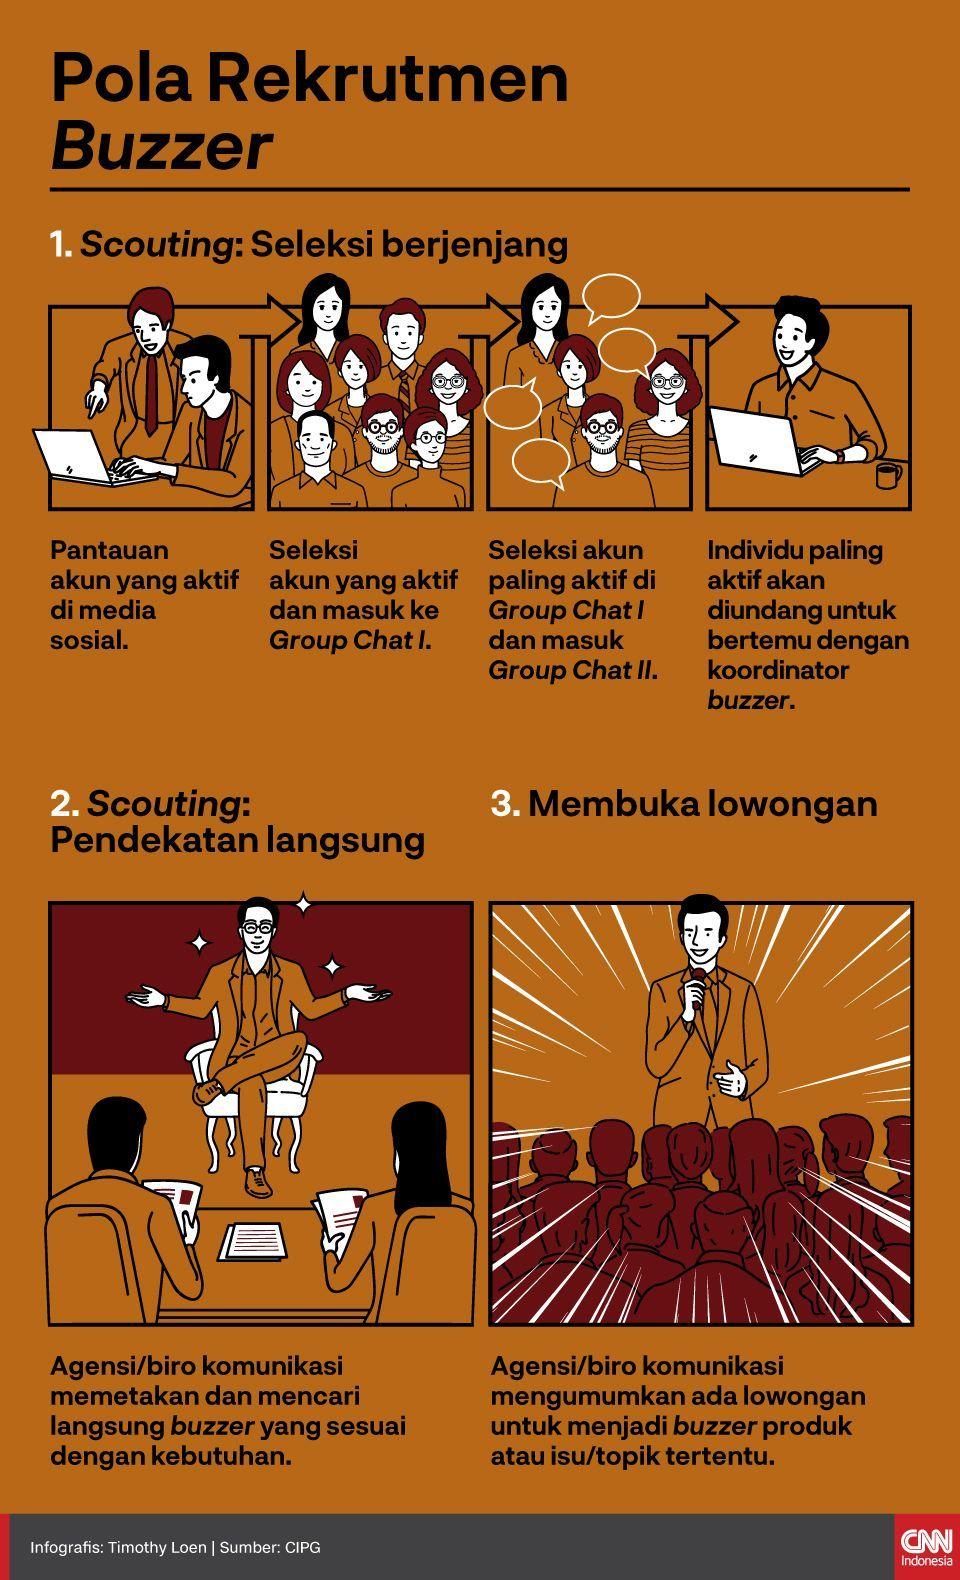 Infografis Pola Rekrutmen Buzzer